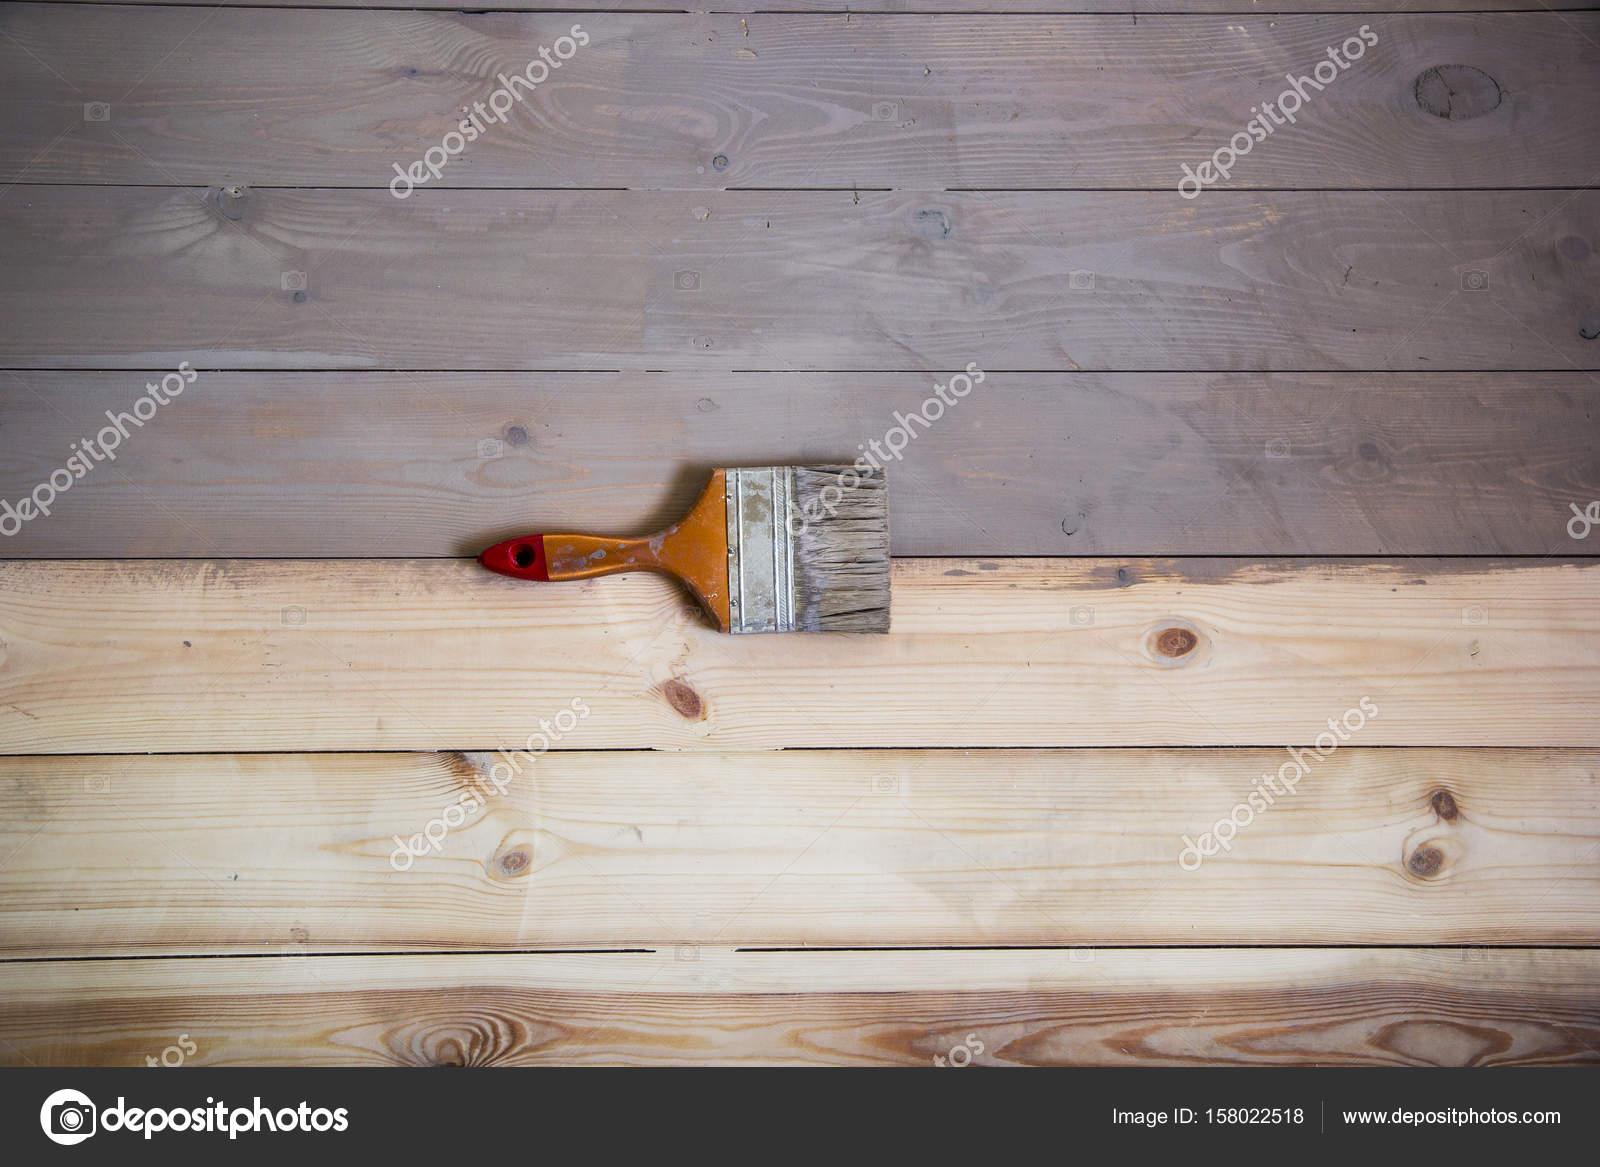 Holzboden Mit Grauer Farbe Und Einem Pinsel Auf Den Boden Gemalt